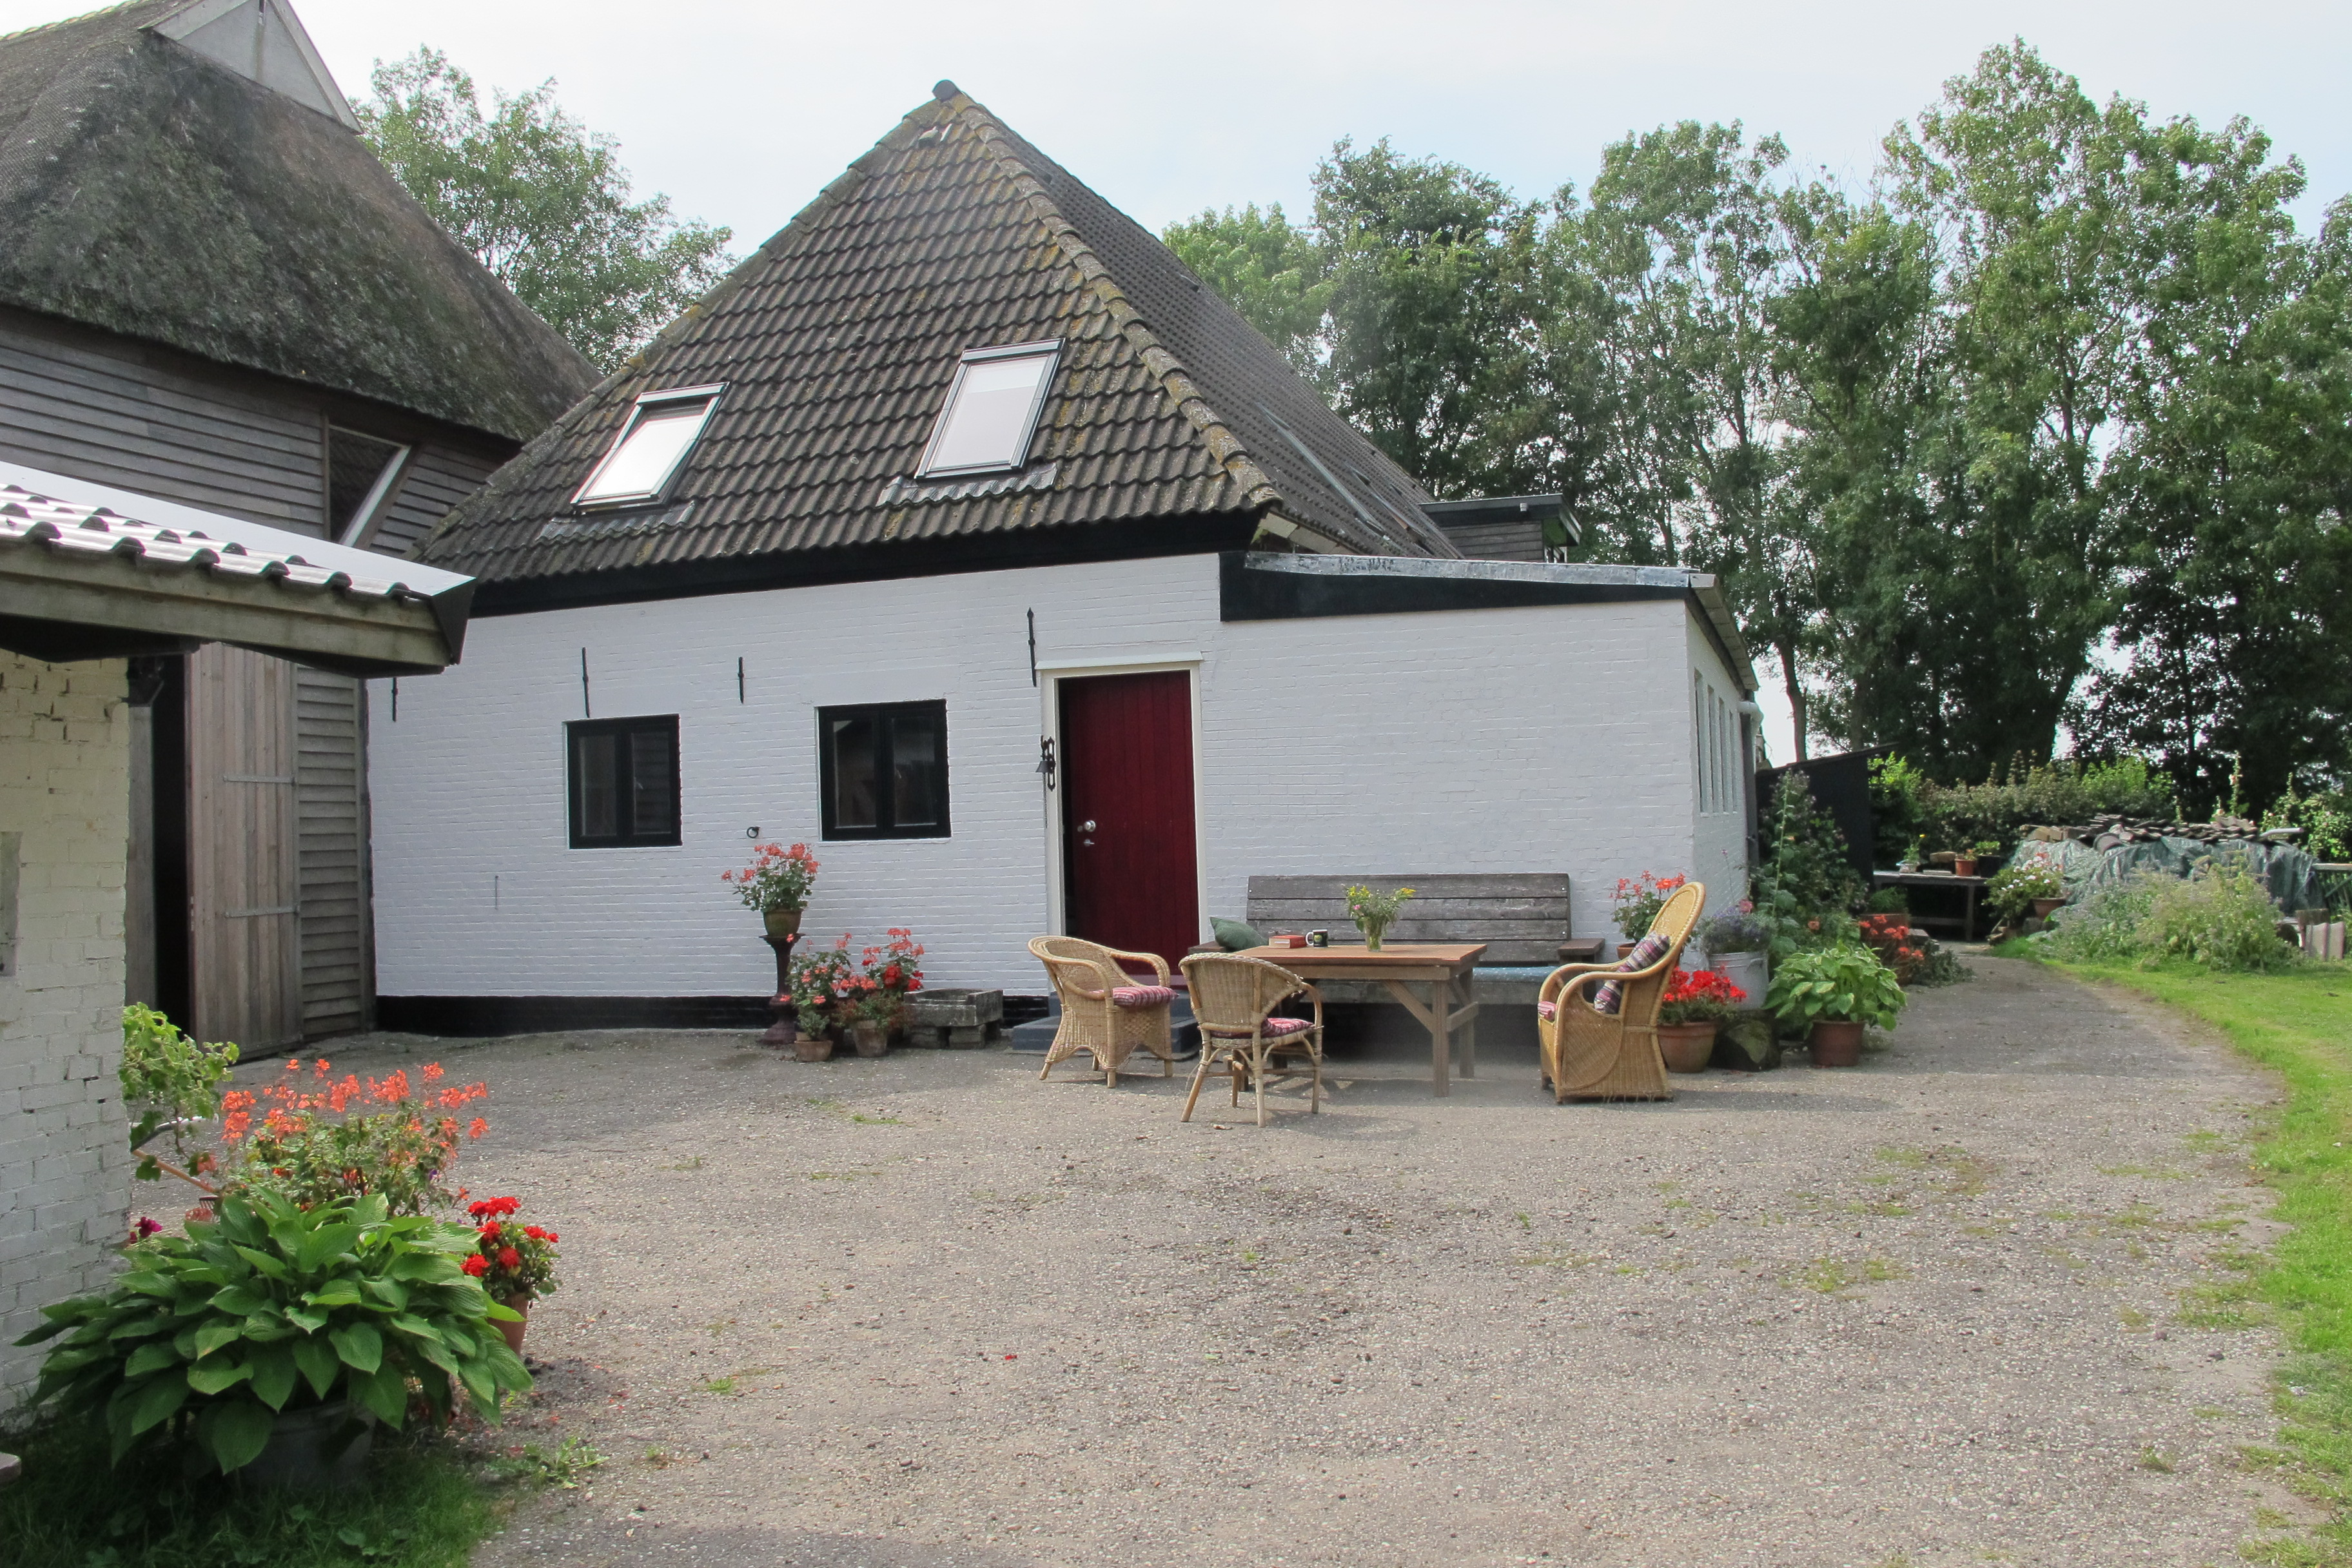 Groepsaccommodatie Boerderij Groot Baarda in Holwerd, Friesland, vlak bij de Waddenzee en Dokkum.